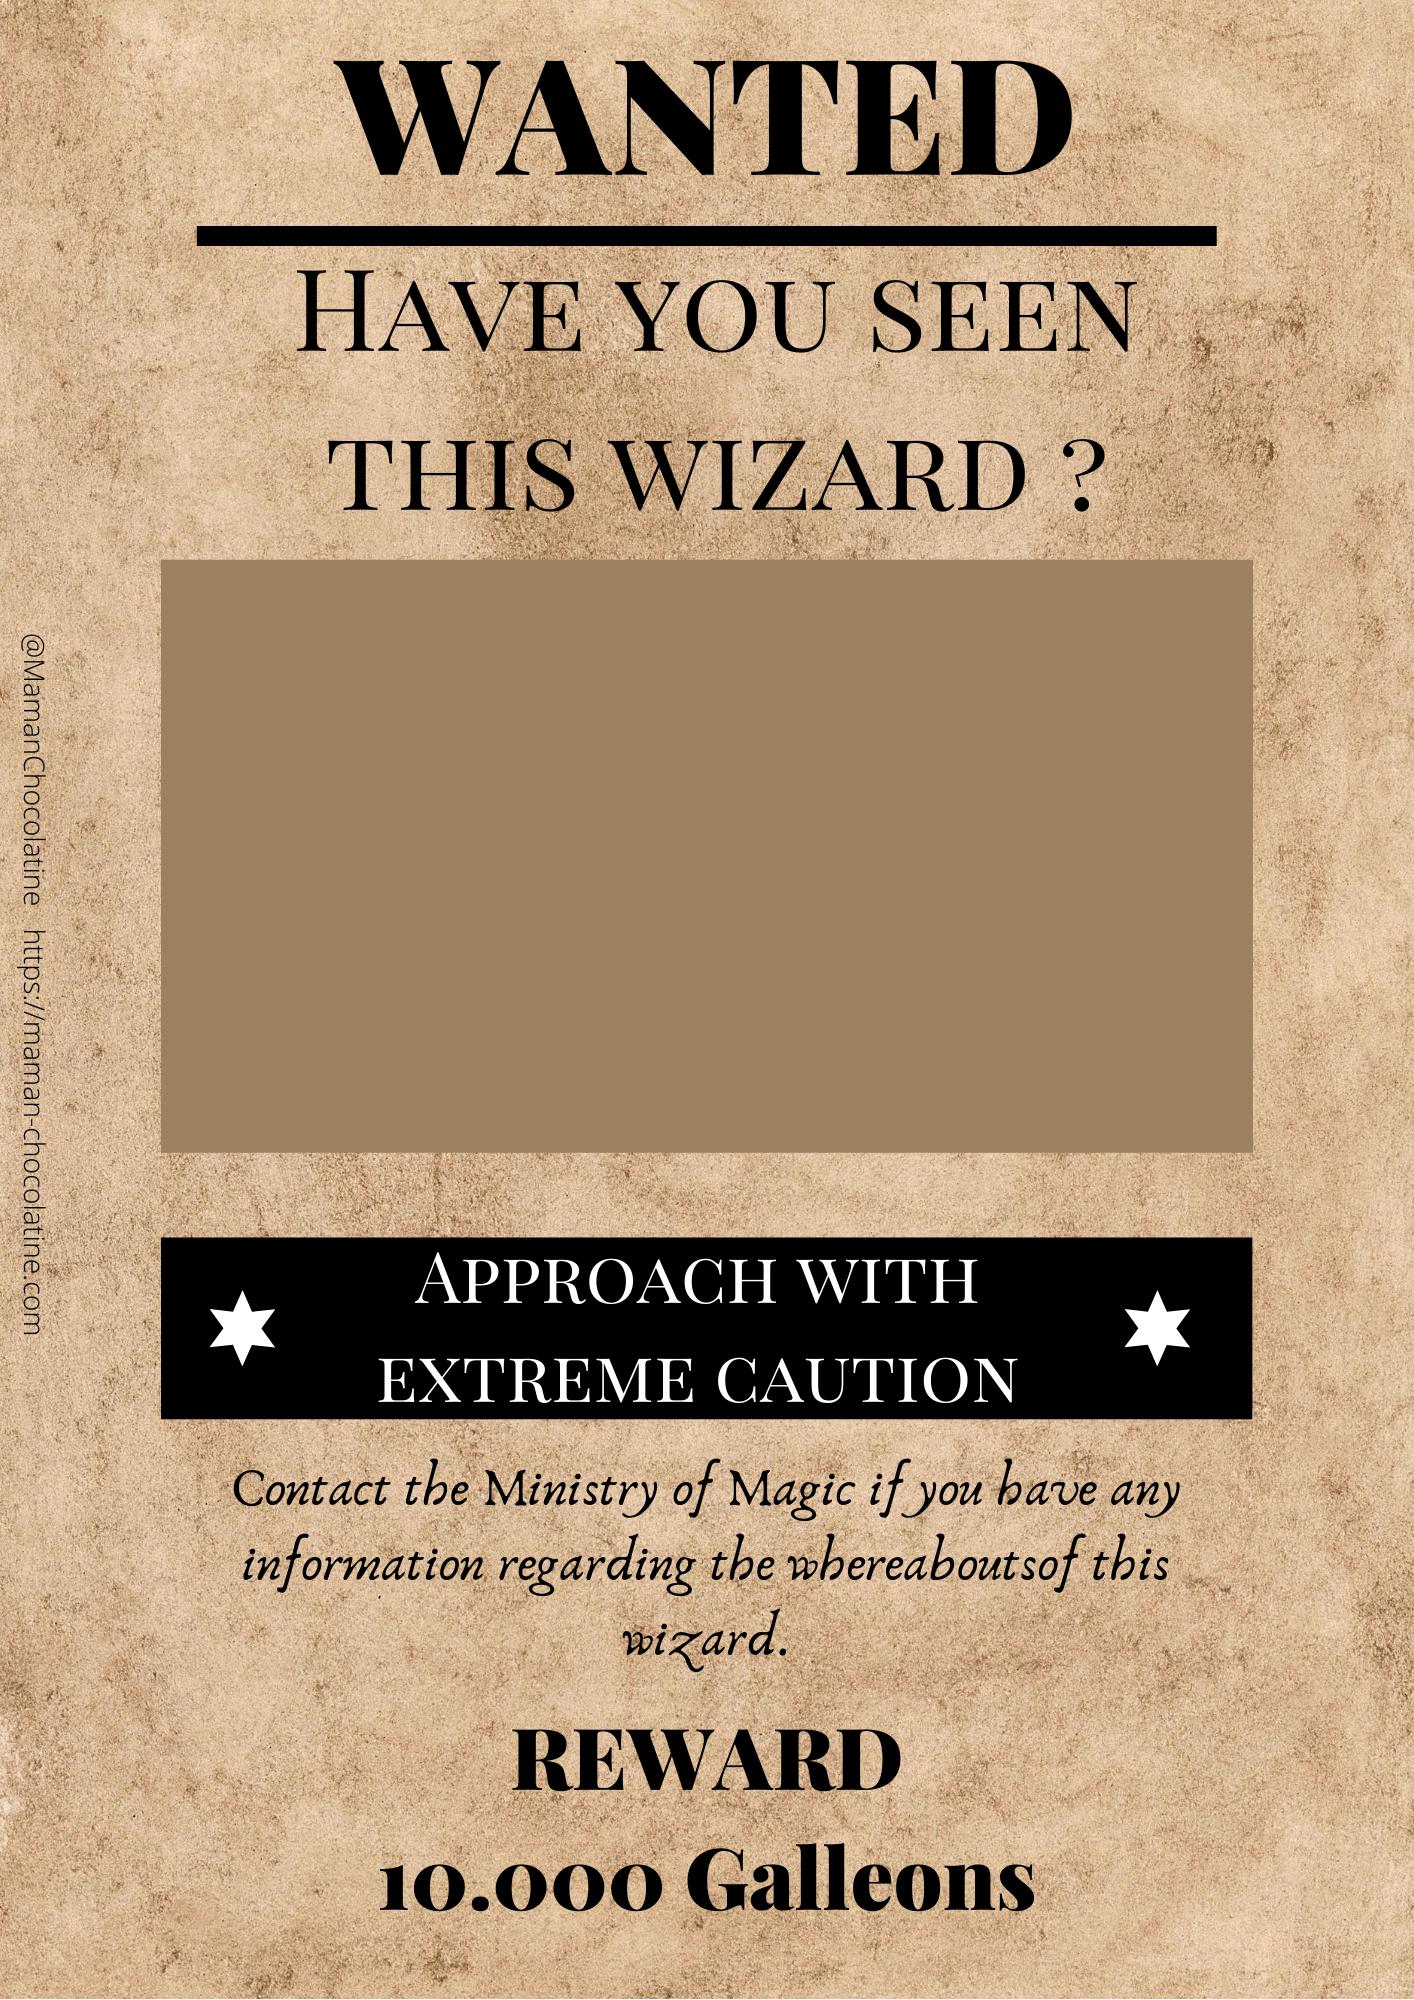 Avis De Recherche Harry Potter : recherche, harry, potter, Affiche, Wanted, Wizard, Harry, Potter, Potter,, Wanted,, Maison, Poudlard